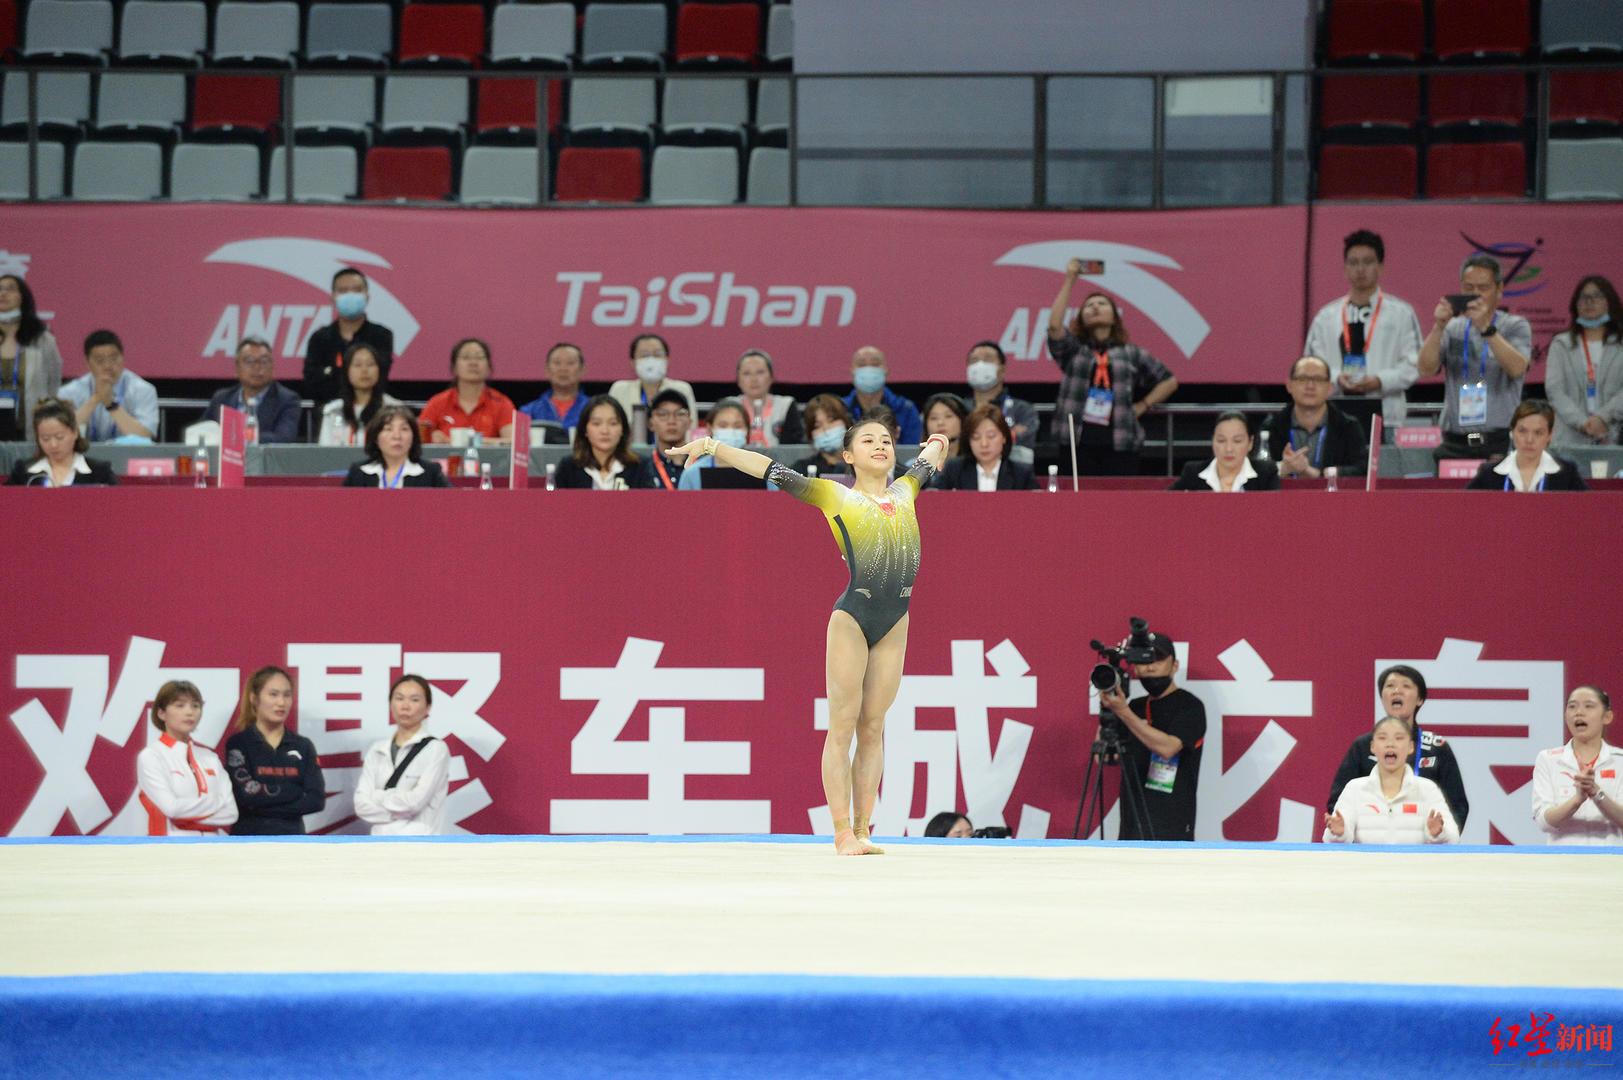 全国体操锦标赛女子全能:四川小花李诗佳决赛发挥失常仅获第三